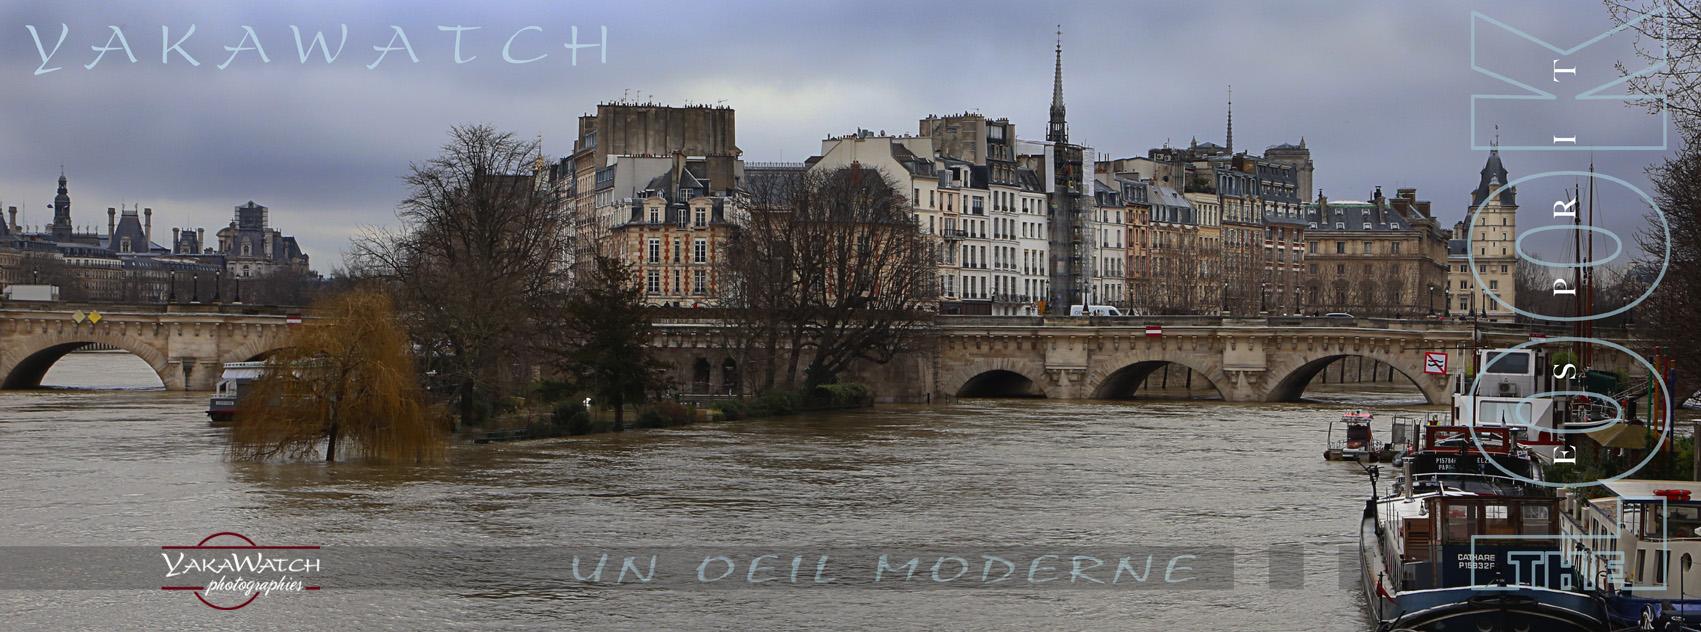 La crue de la Seine à Paris, janvier 2018 - Photos Yakawatch.com